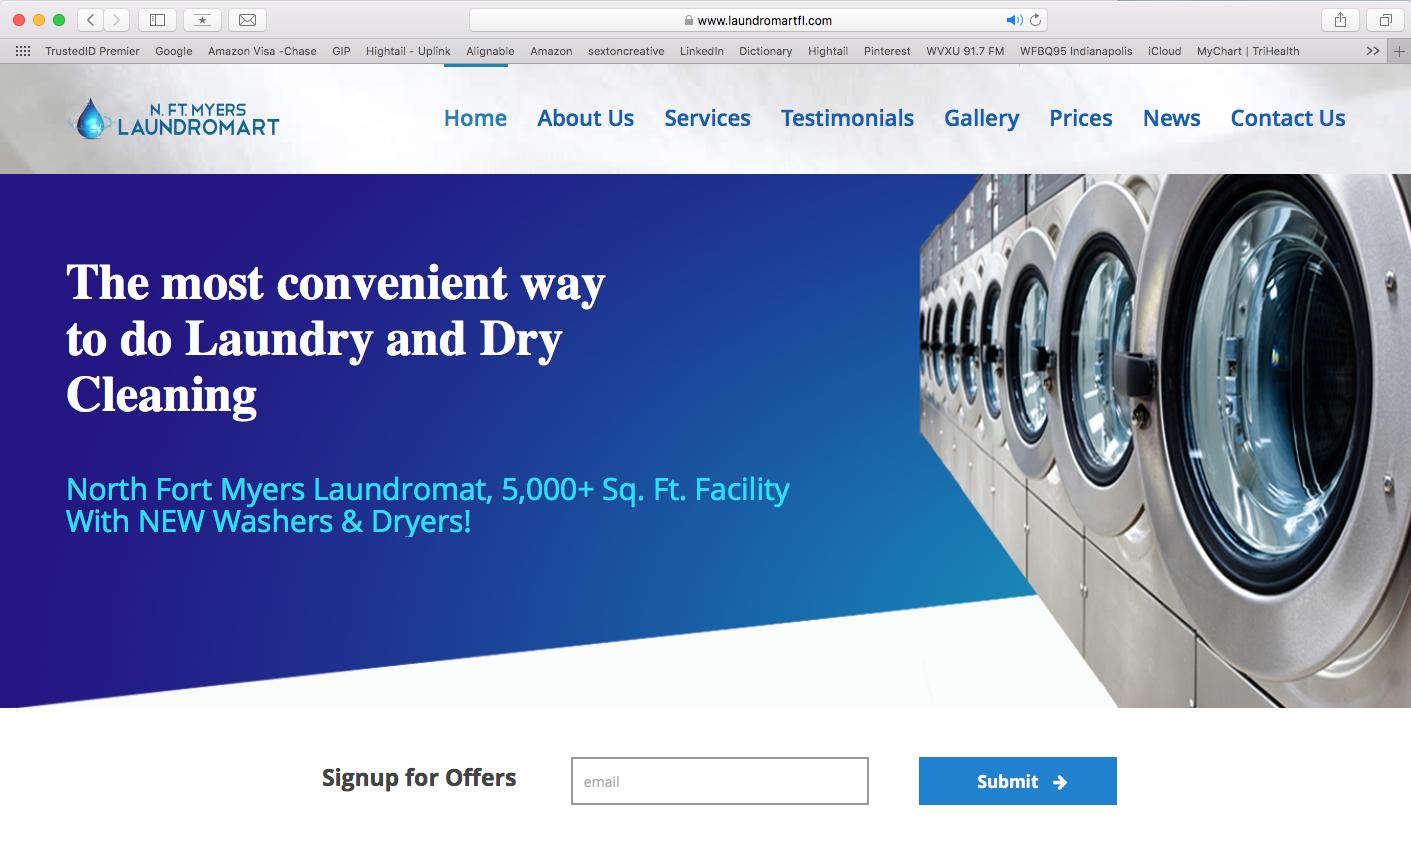 N. Ft. Myers Laundromart